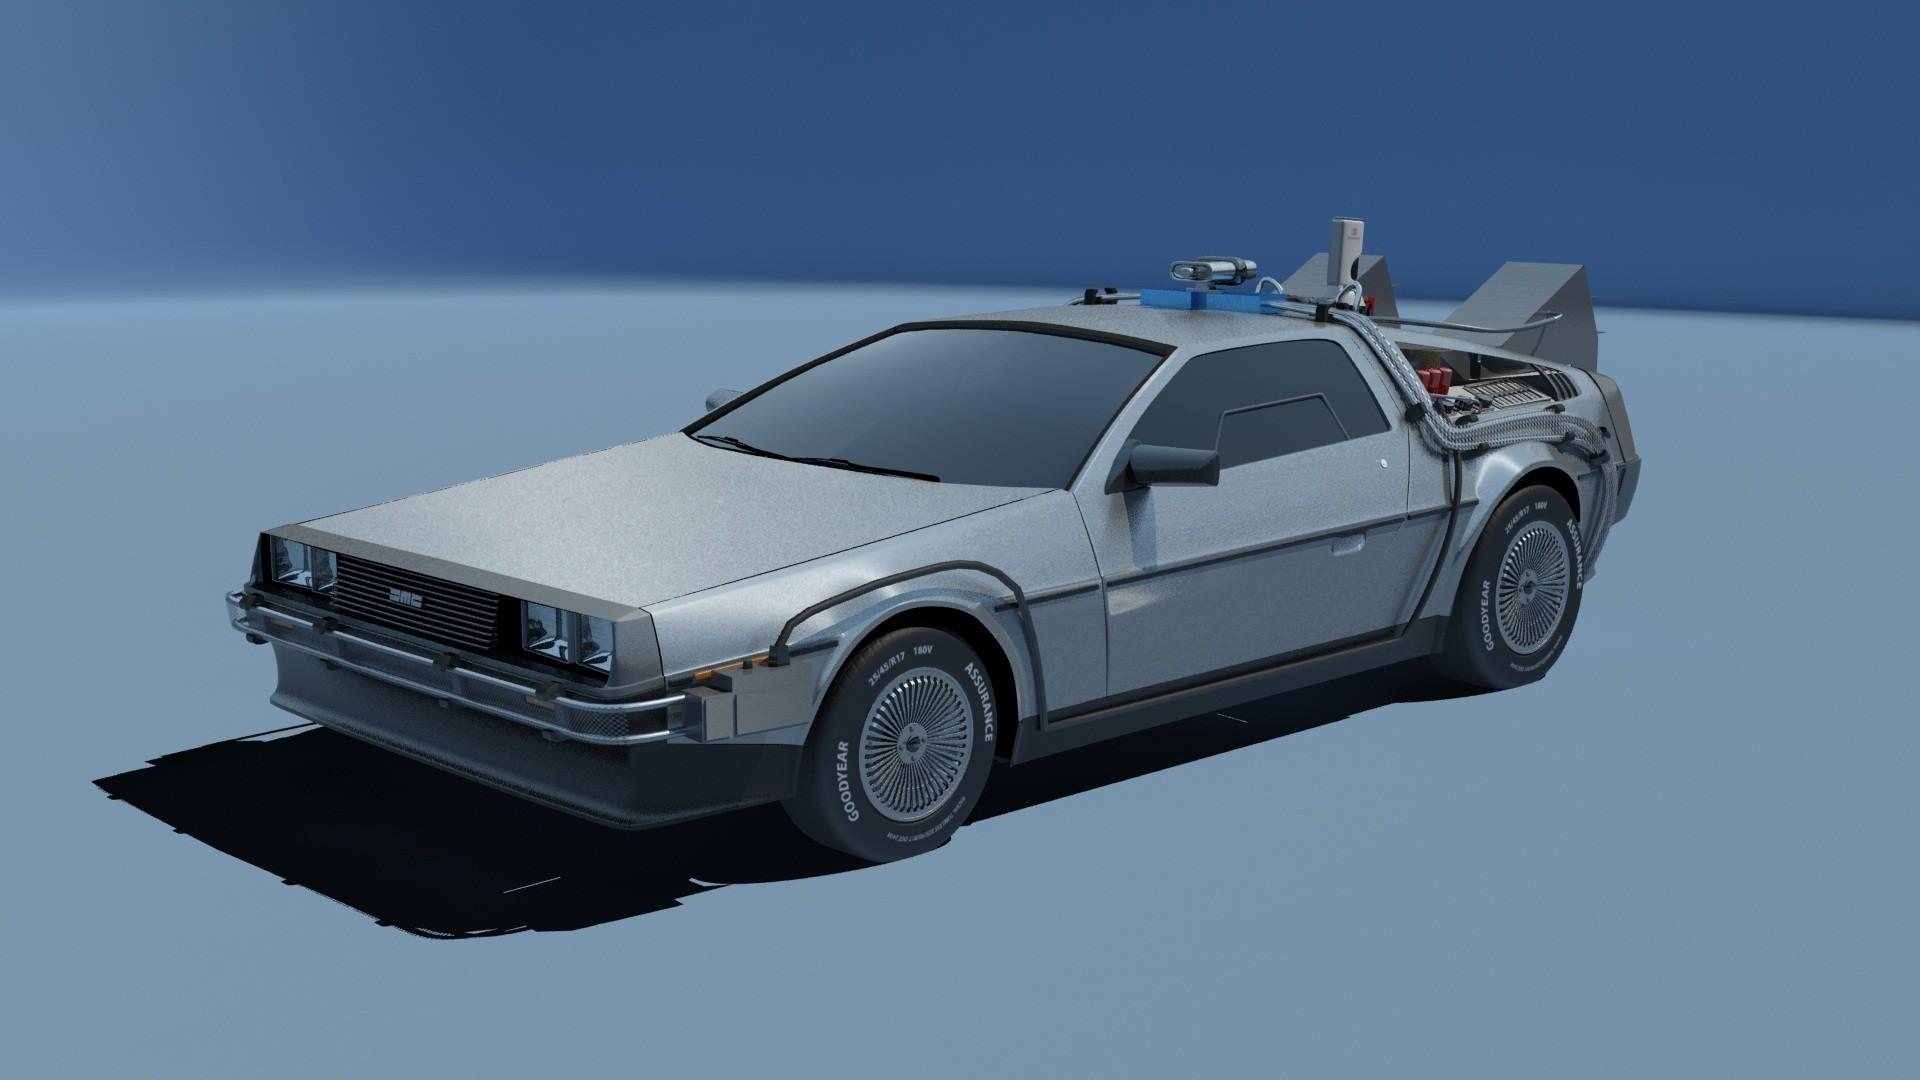 #Delorean Back To The Future Blueprints